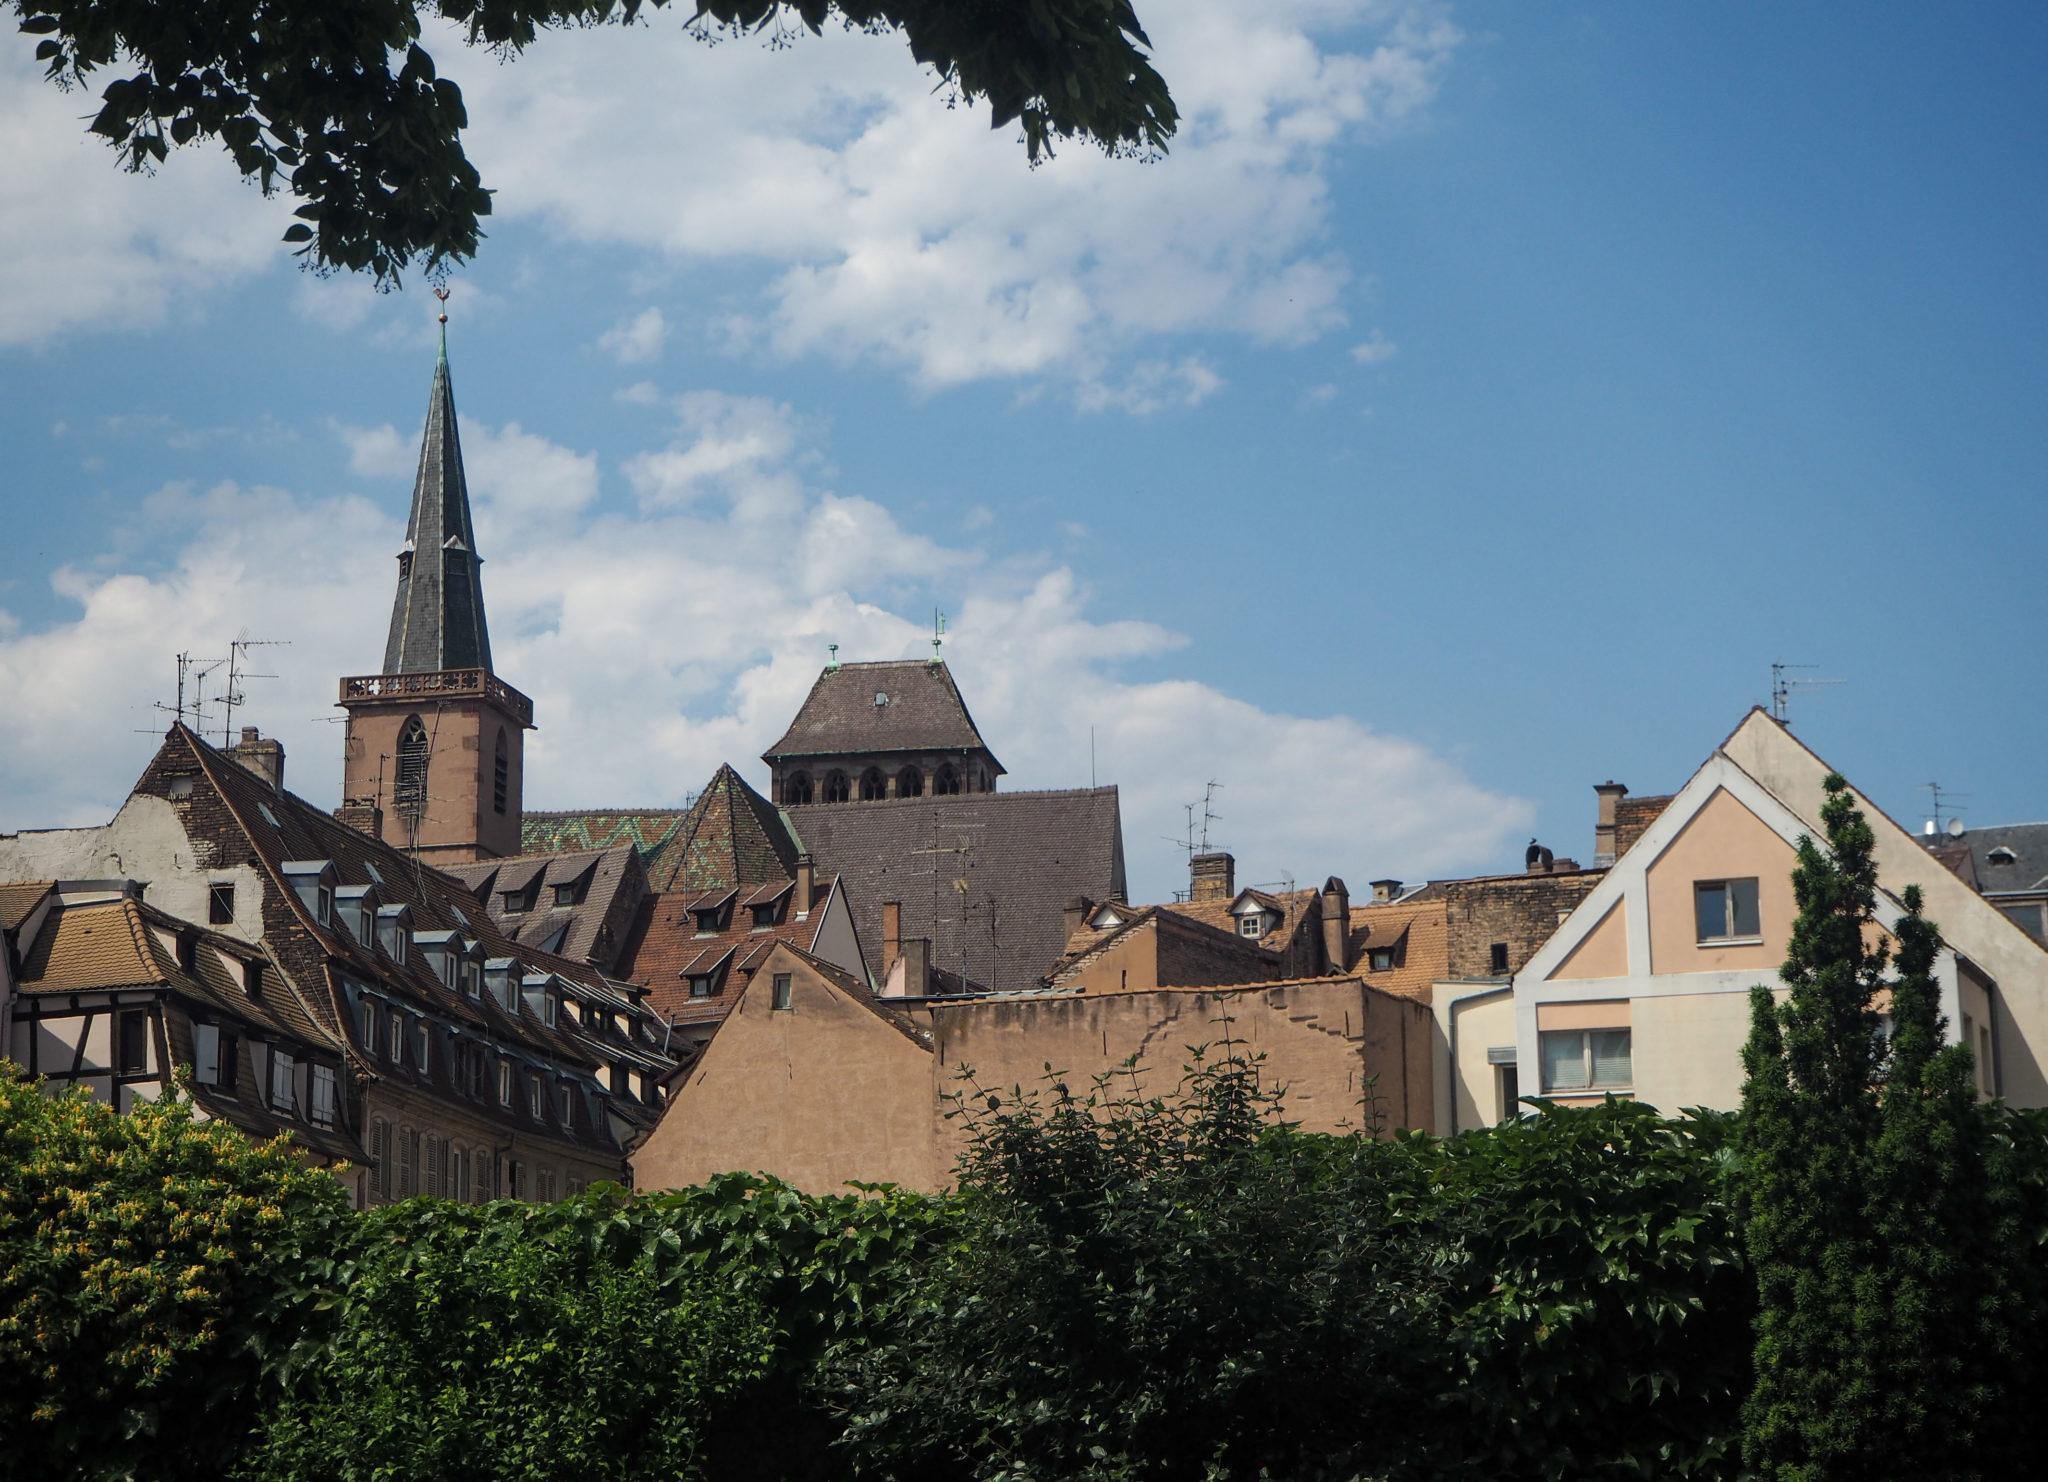 Les toits de Strasbourg - Visiter Strasbourg au fil de l'eau: 2 jours dans la capitale alsacienne entre amies - Par Voyages et Vagabondages, le blog du voyage en solo au féminin - Récit, photos, conseils, idées de visite et bonnes adresses pour visiter Strasbourg